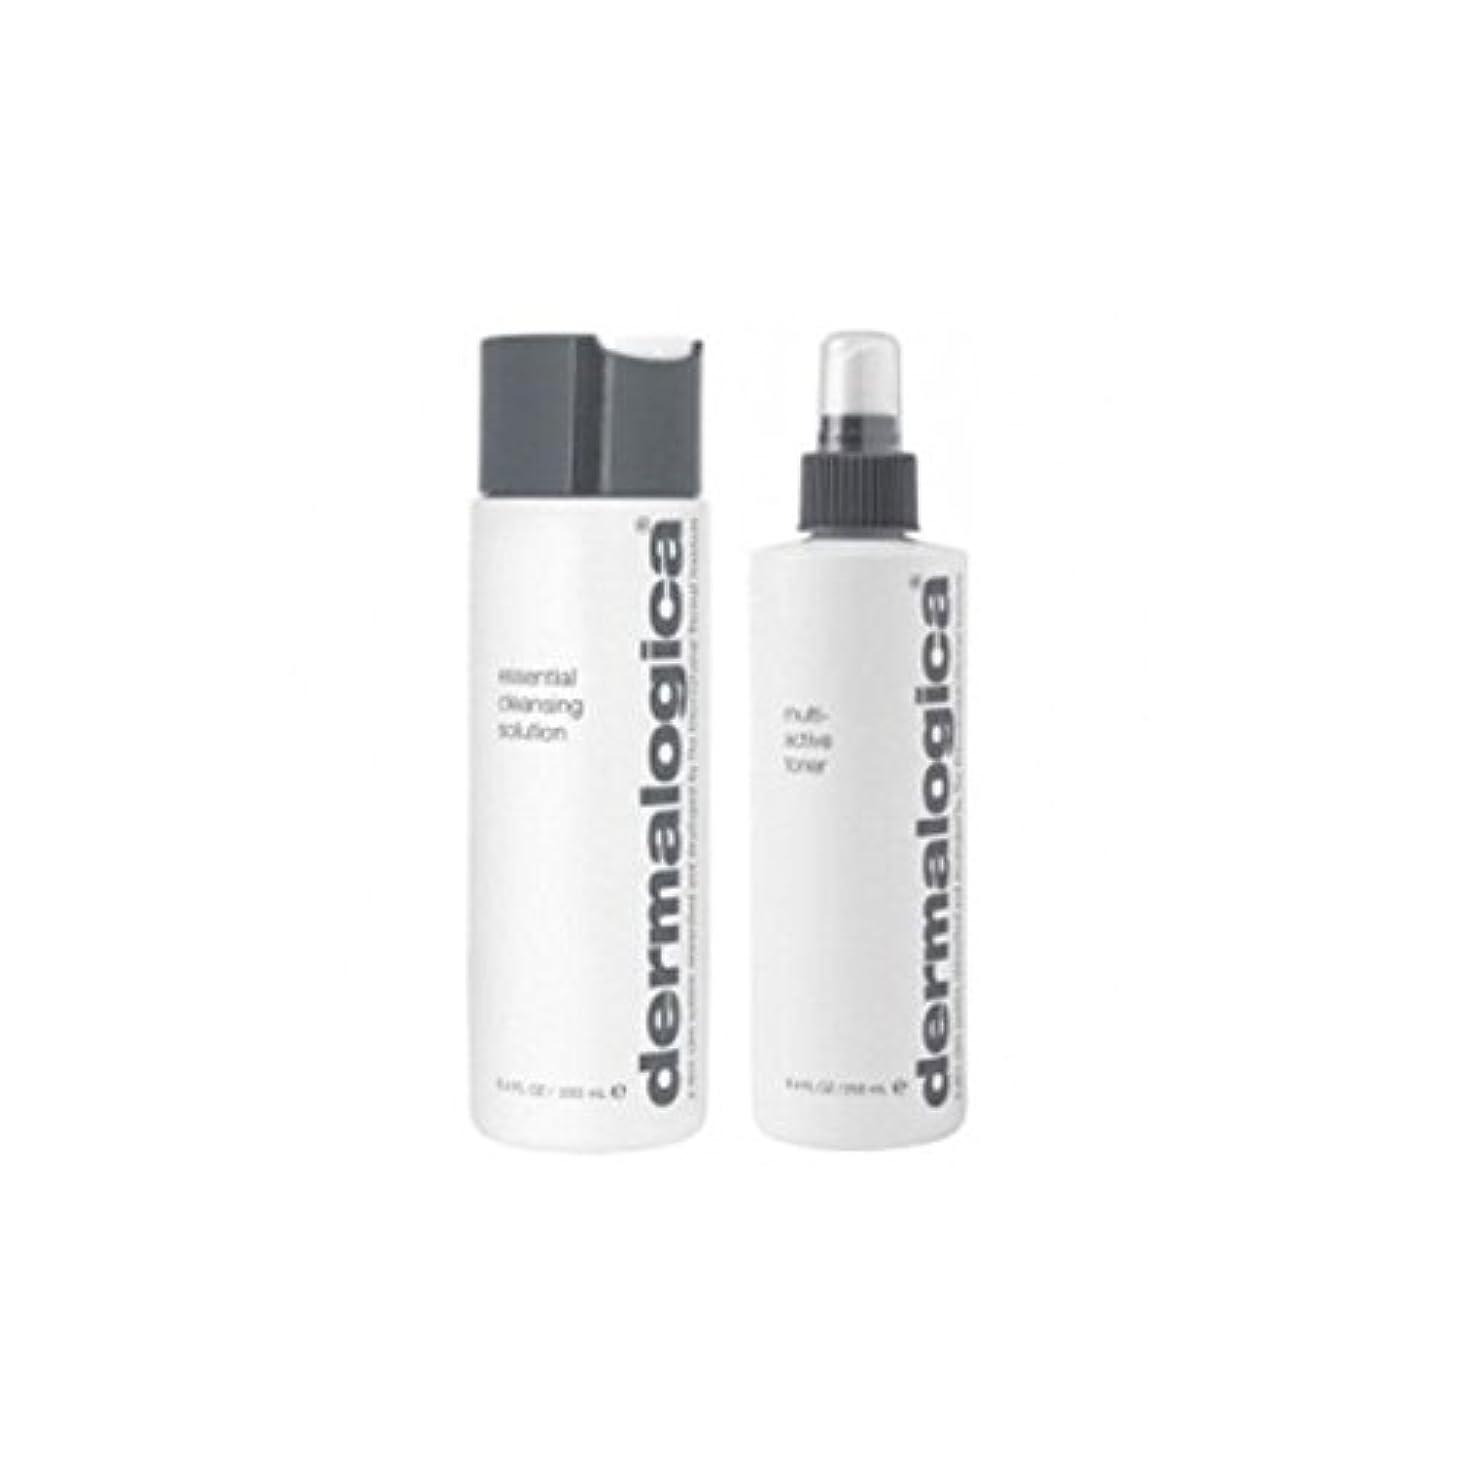 グレートオーク退屈竜巻Dermalogica Cleanse & Tone Duo - Dry Skin - ダーマロジカクレンジング&トーンデュオ - 乾燥肌 [並行輸入品]